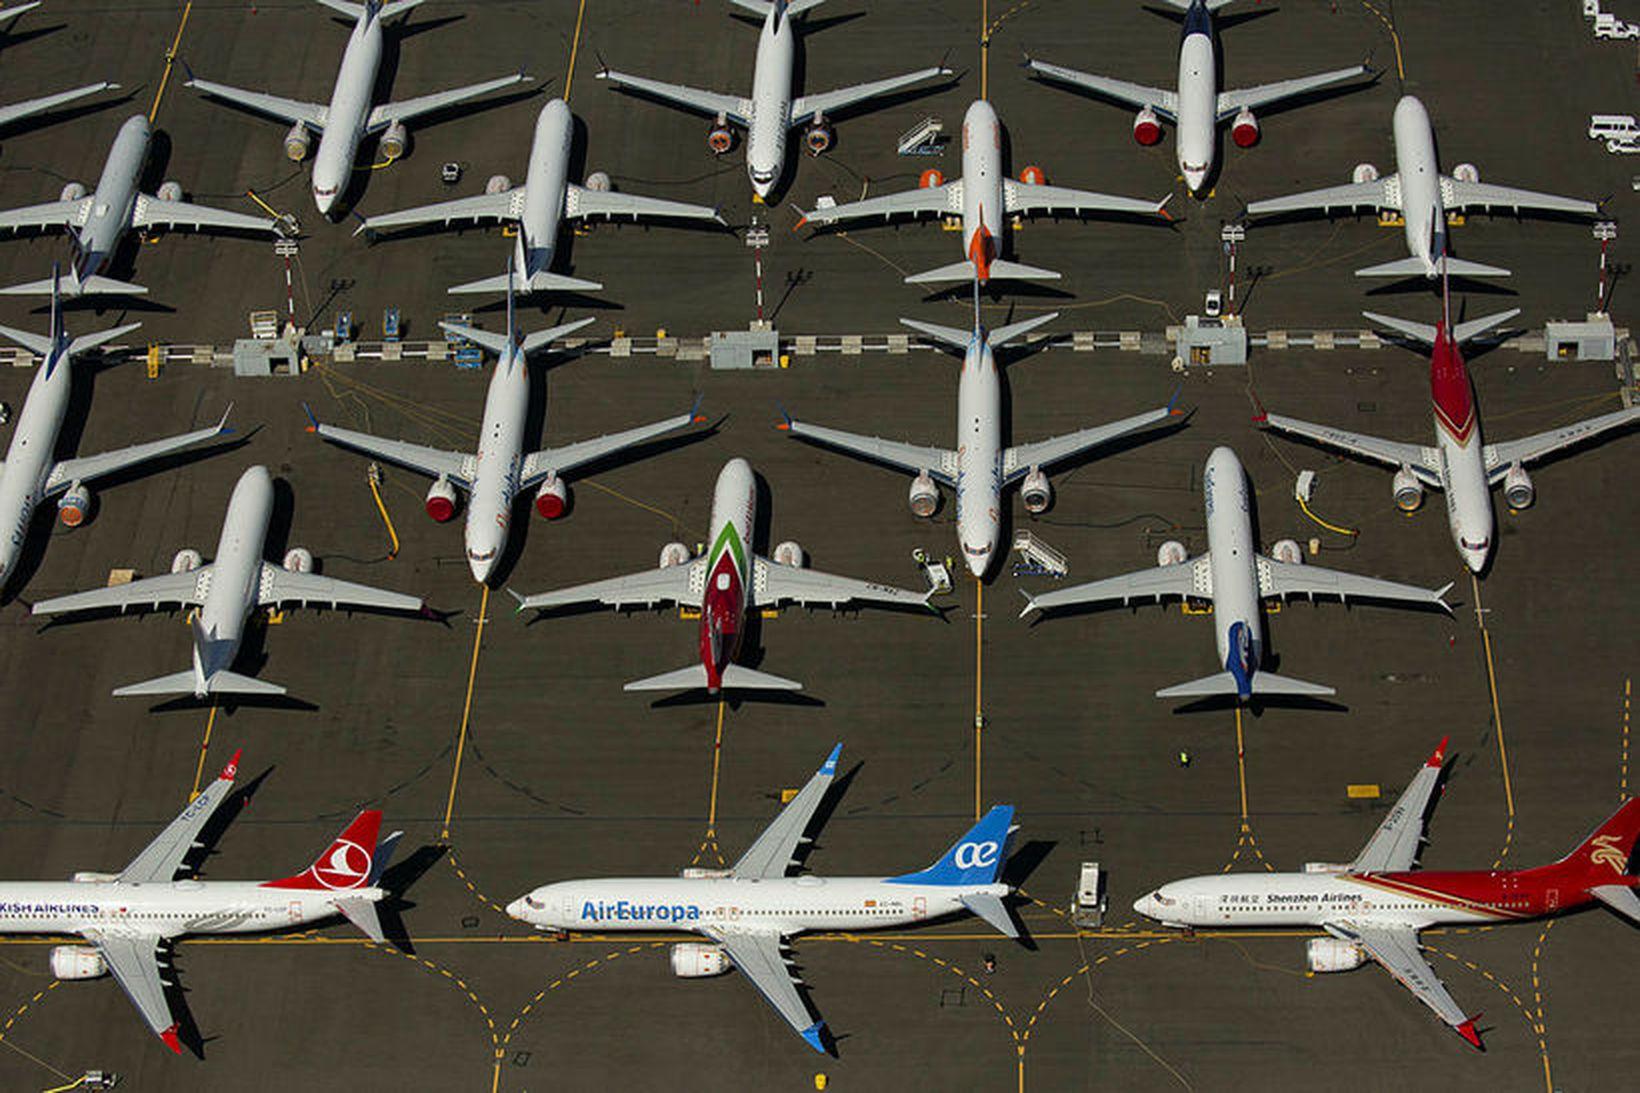 Boeing 737 MAX farþegaþotur á flugvélastæði í nágrenni verksmiðju Boeing …